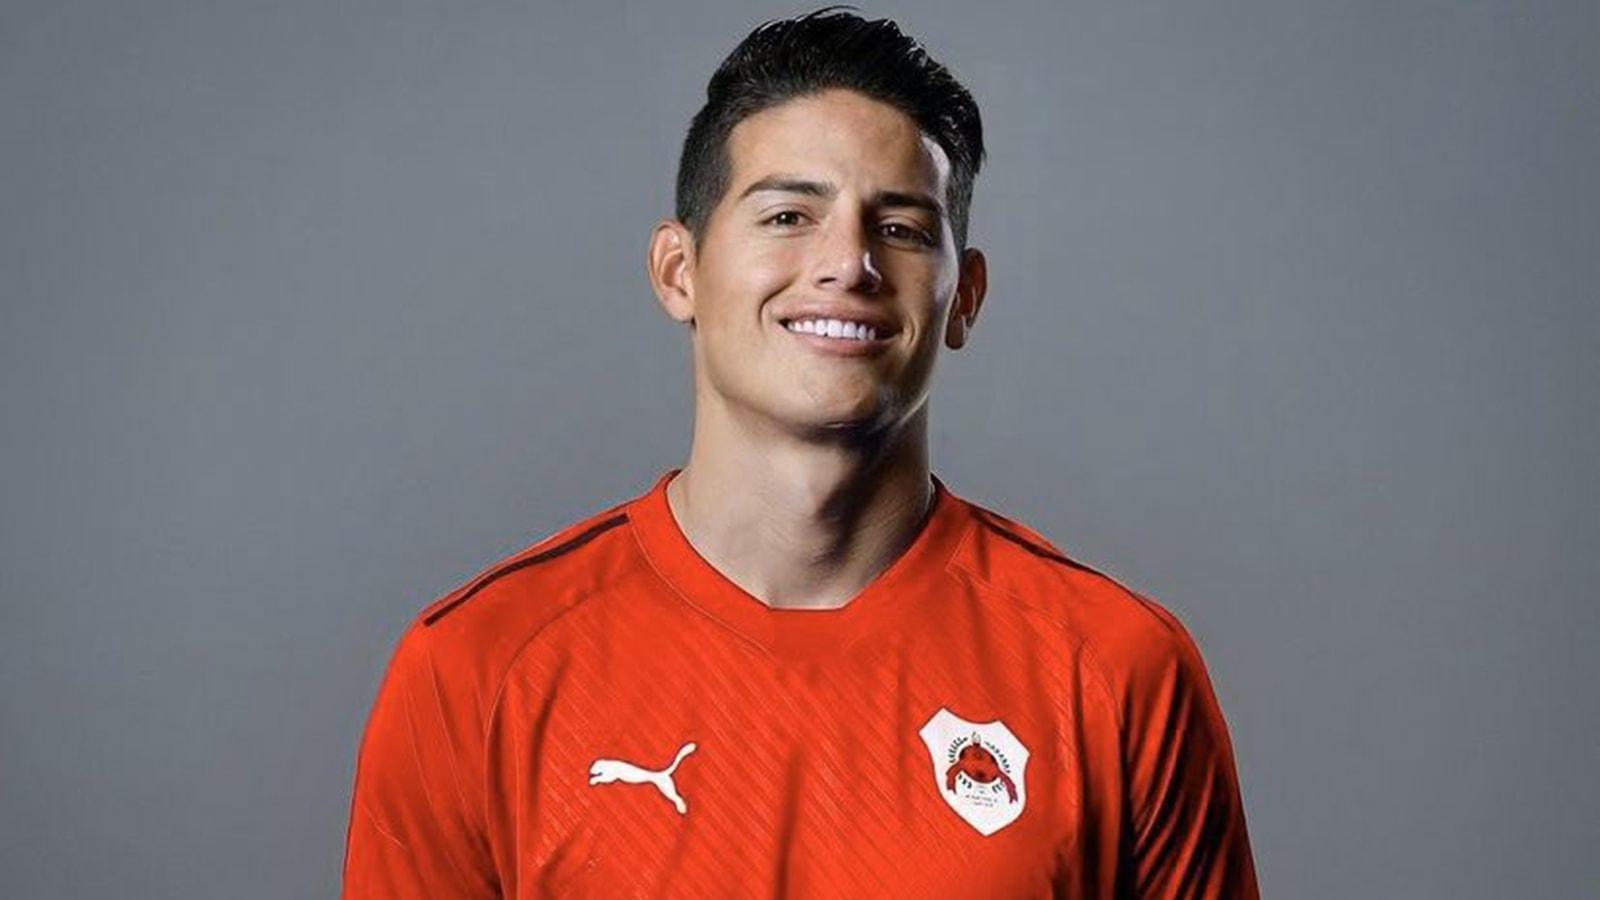 خاميس رودريغيز ينضم رسميا الى الريان القطري